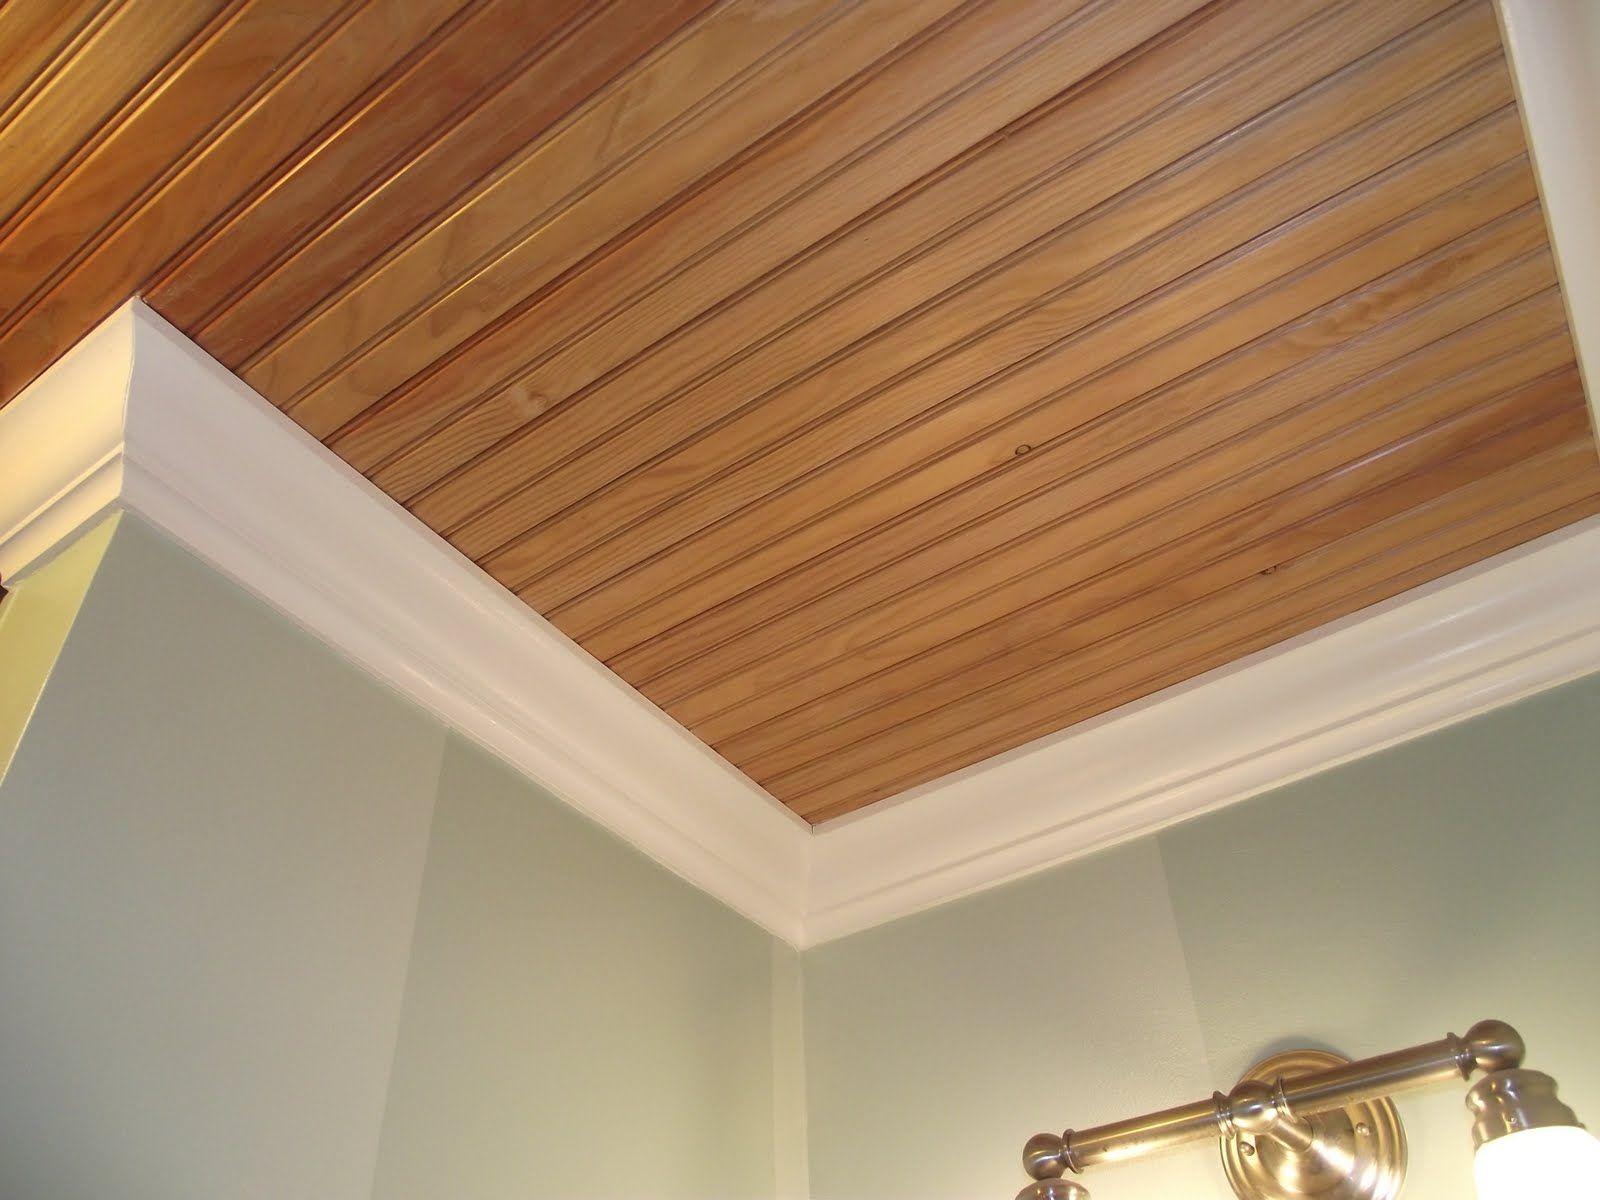 Wood Bathroom Ceiling Plank Walls Beadboard Ceiling Beadboard Vinyl Beadboard